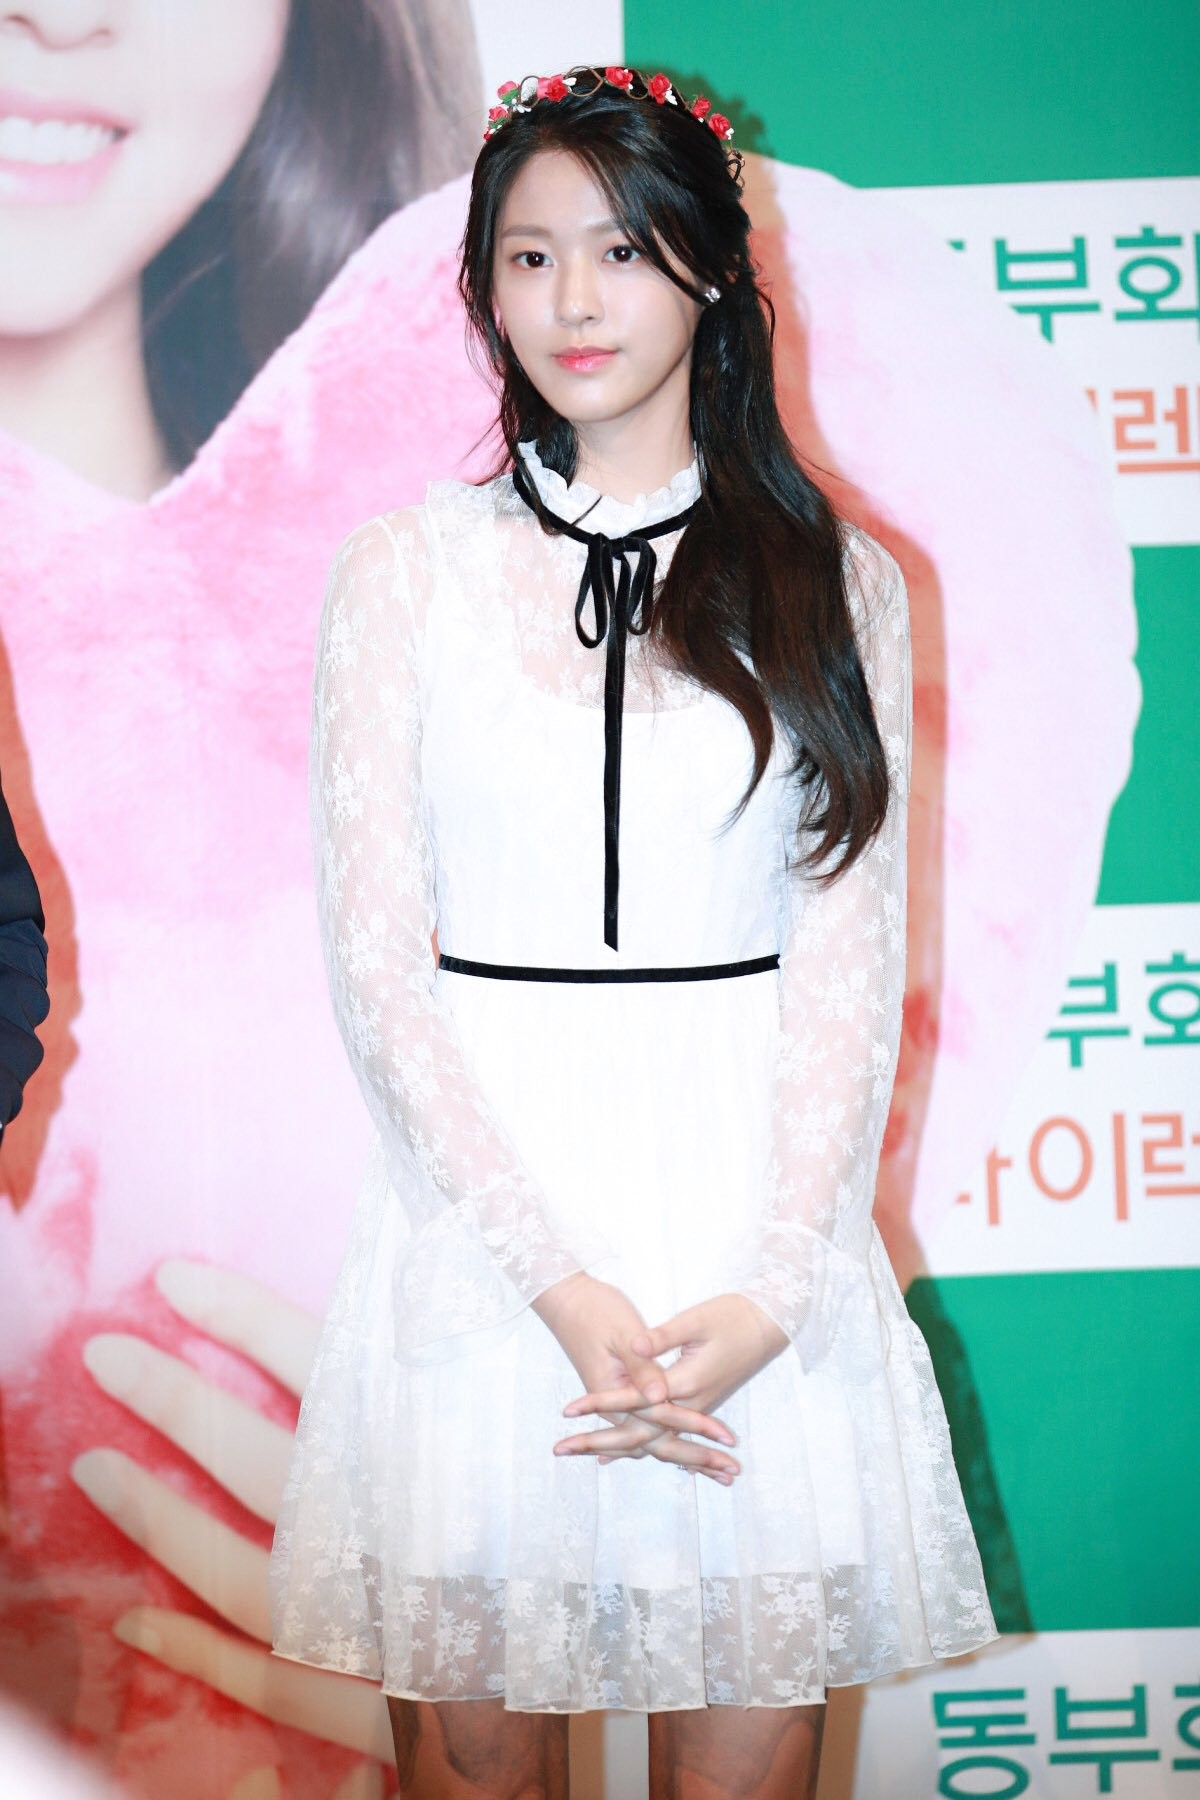 Khi 3 đại mỹ nhân của Big 3: Yoona (SM) – Jennie (YG) – Dahyun (JYP) cùng đụng hàng, liệu ai sẽ lép vế hơn ai? - Ảnh 9.